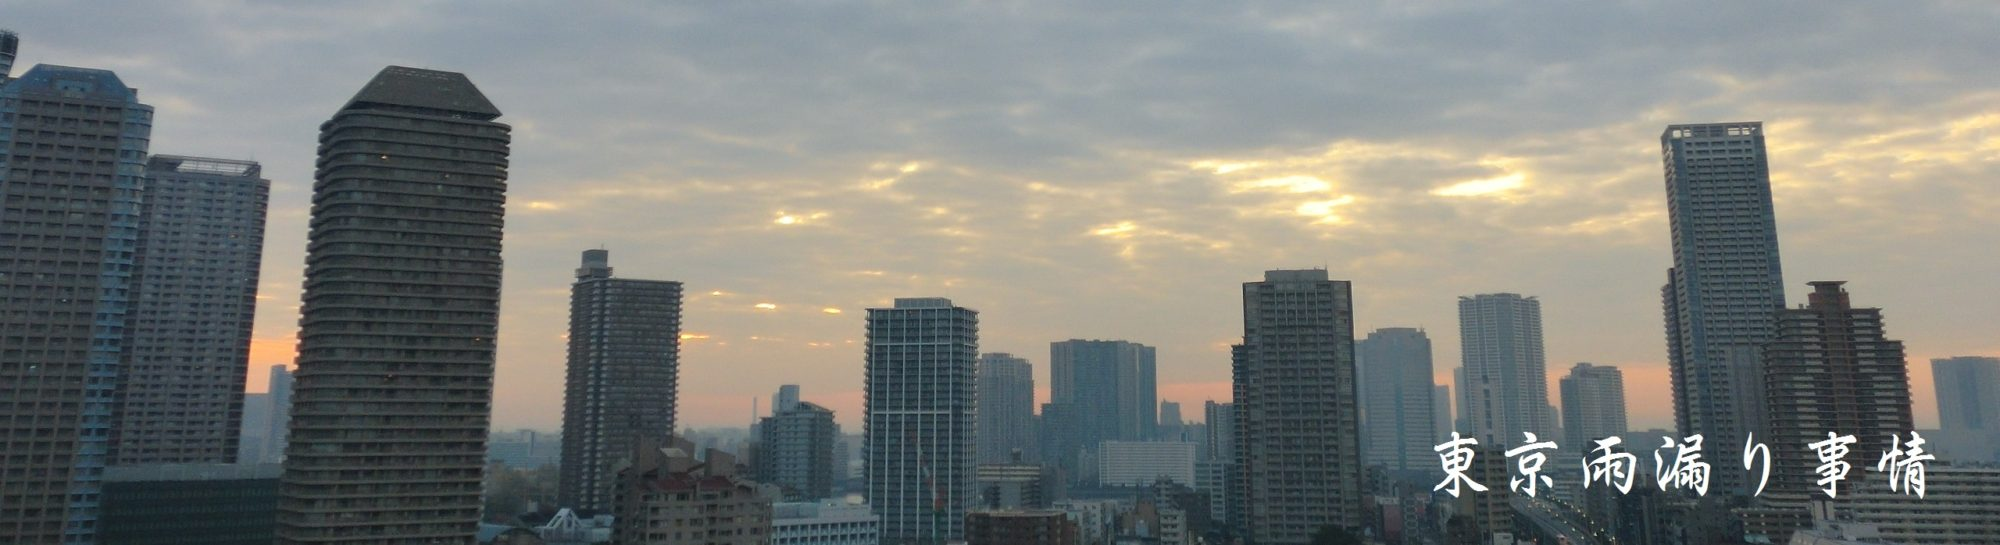 東京雨漏り事情